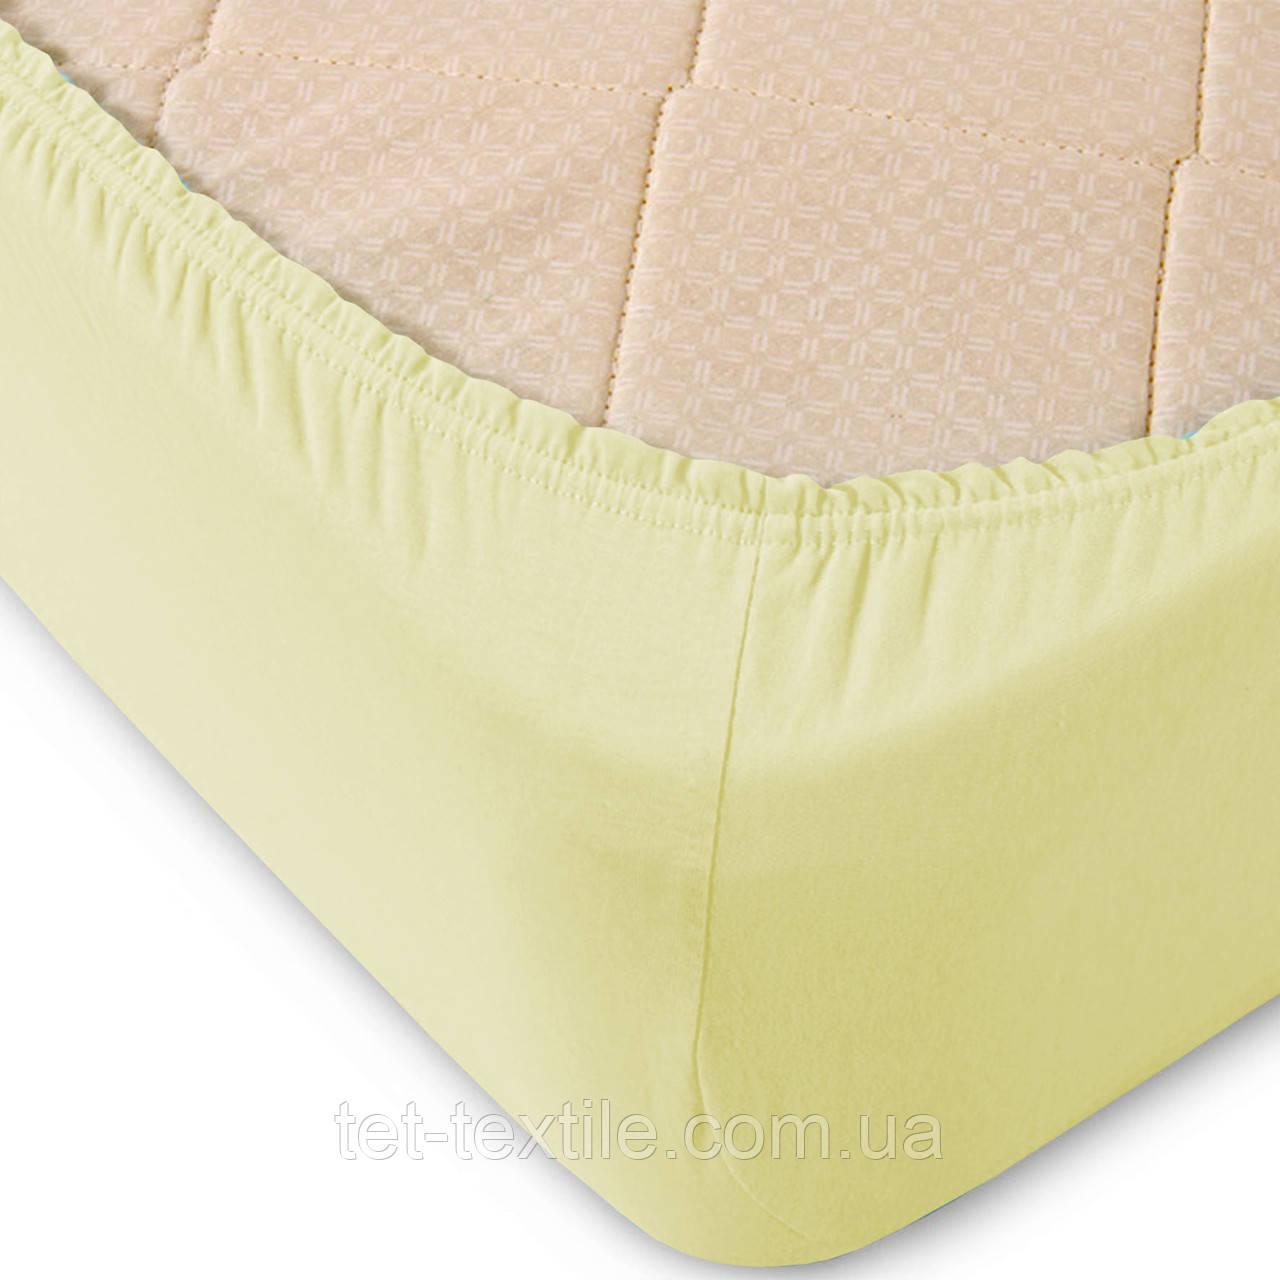 Простынь на резинке однотонная Тет-Текстиль ванильная 160х200+20